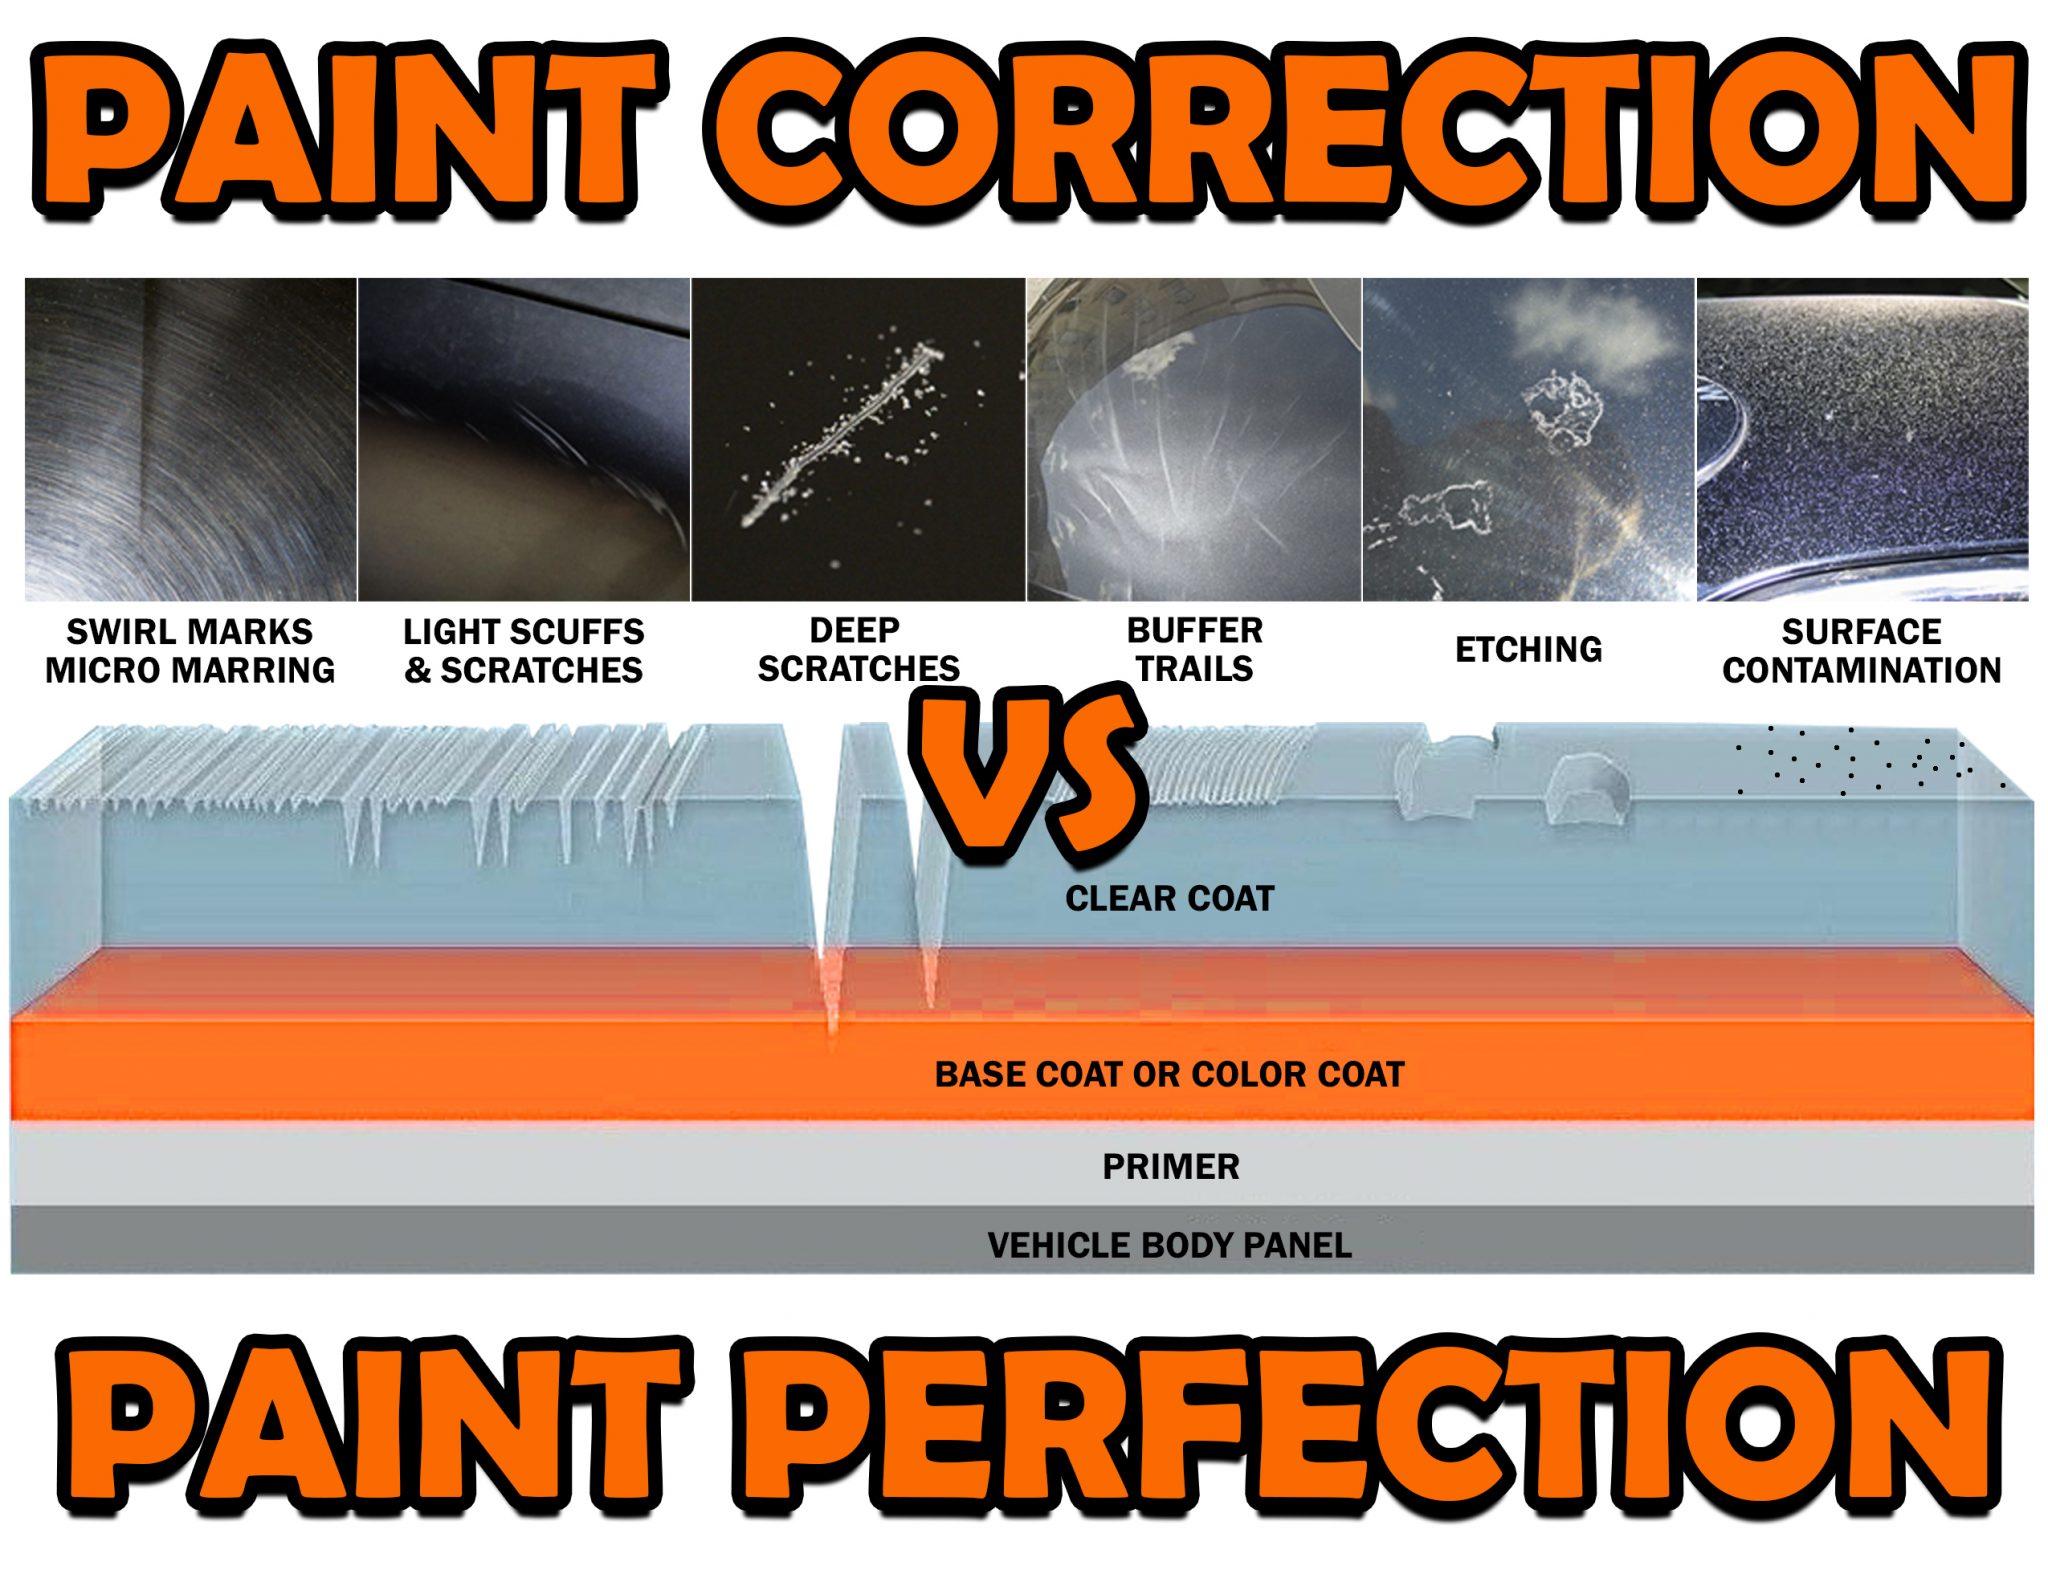 Paint Correction vs Paint Perfection